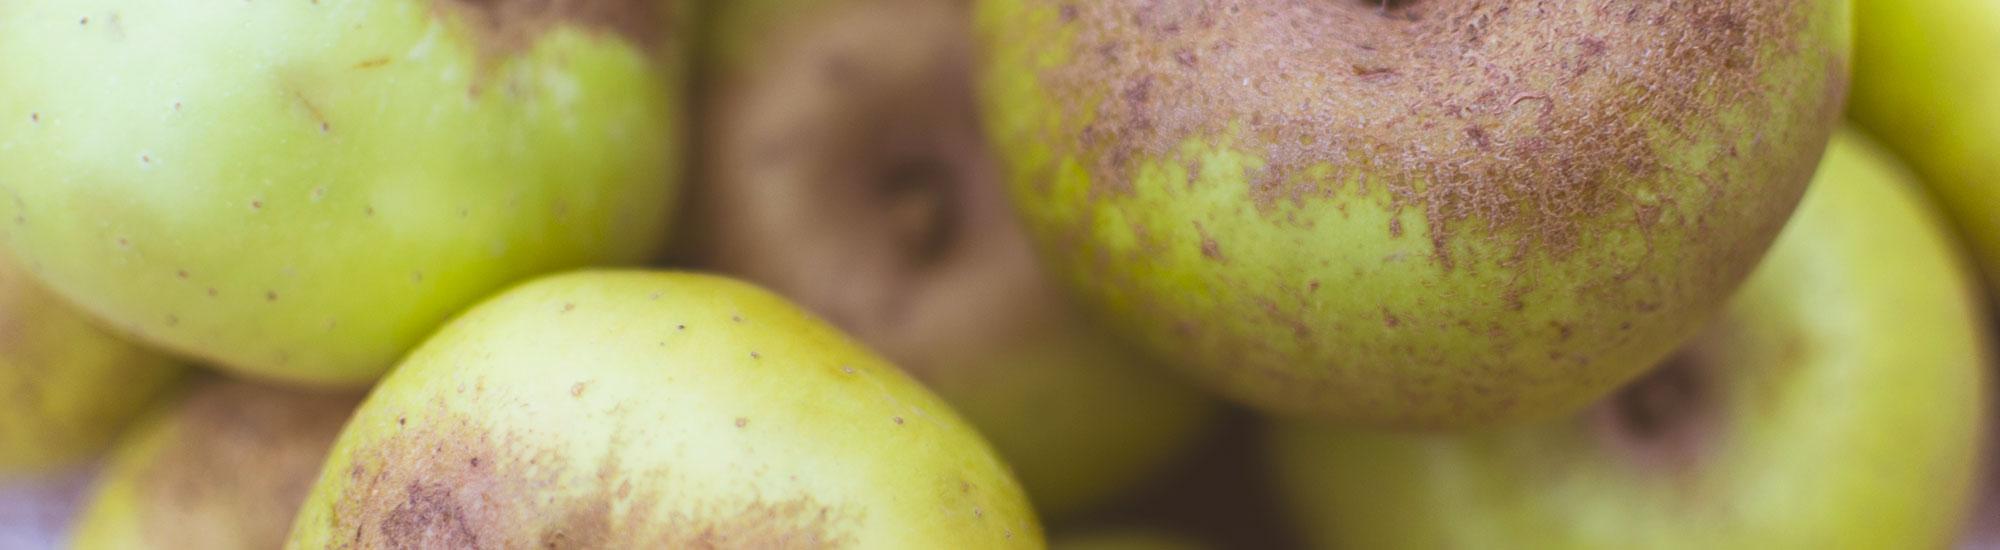 Manzanas para sidra